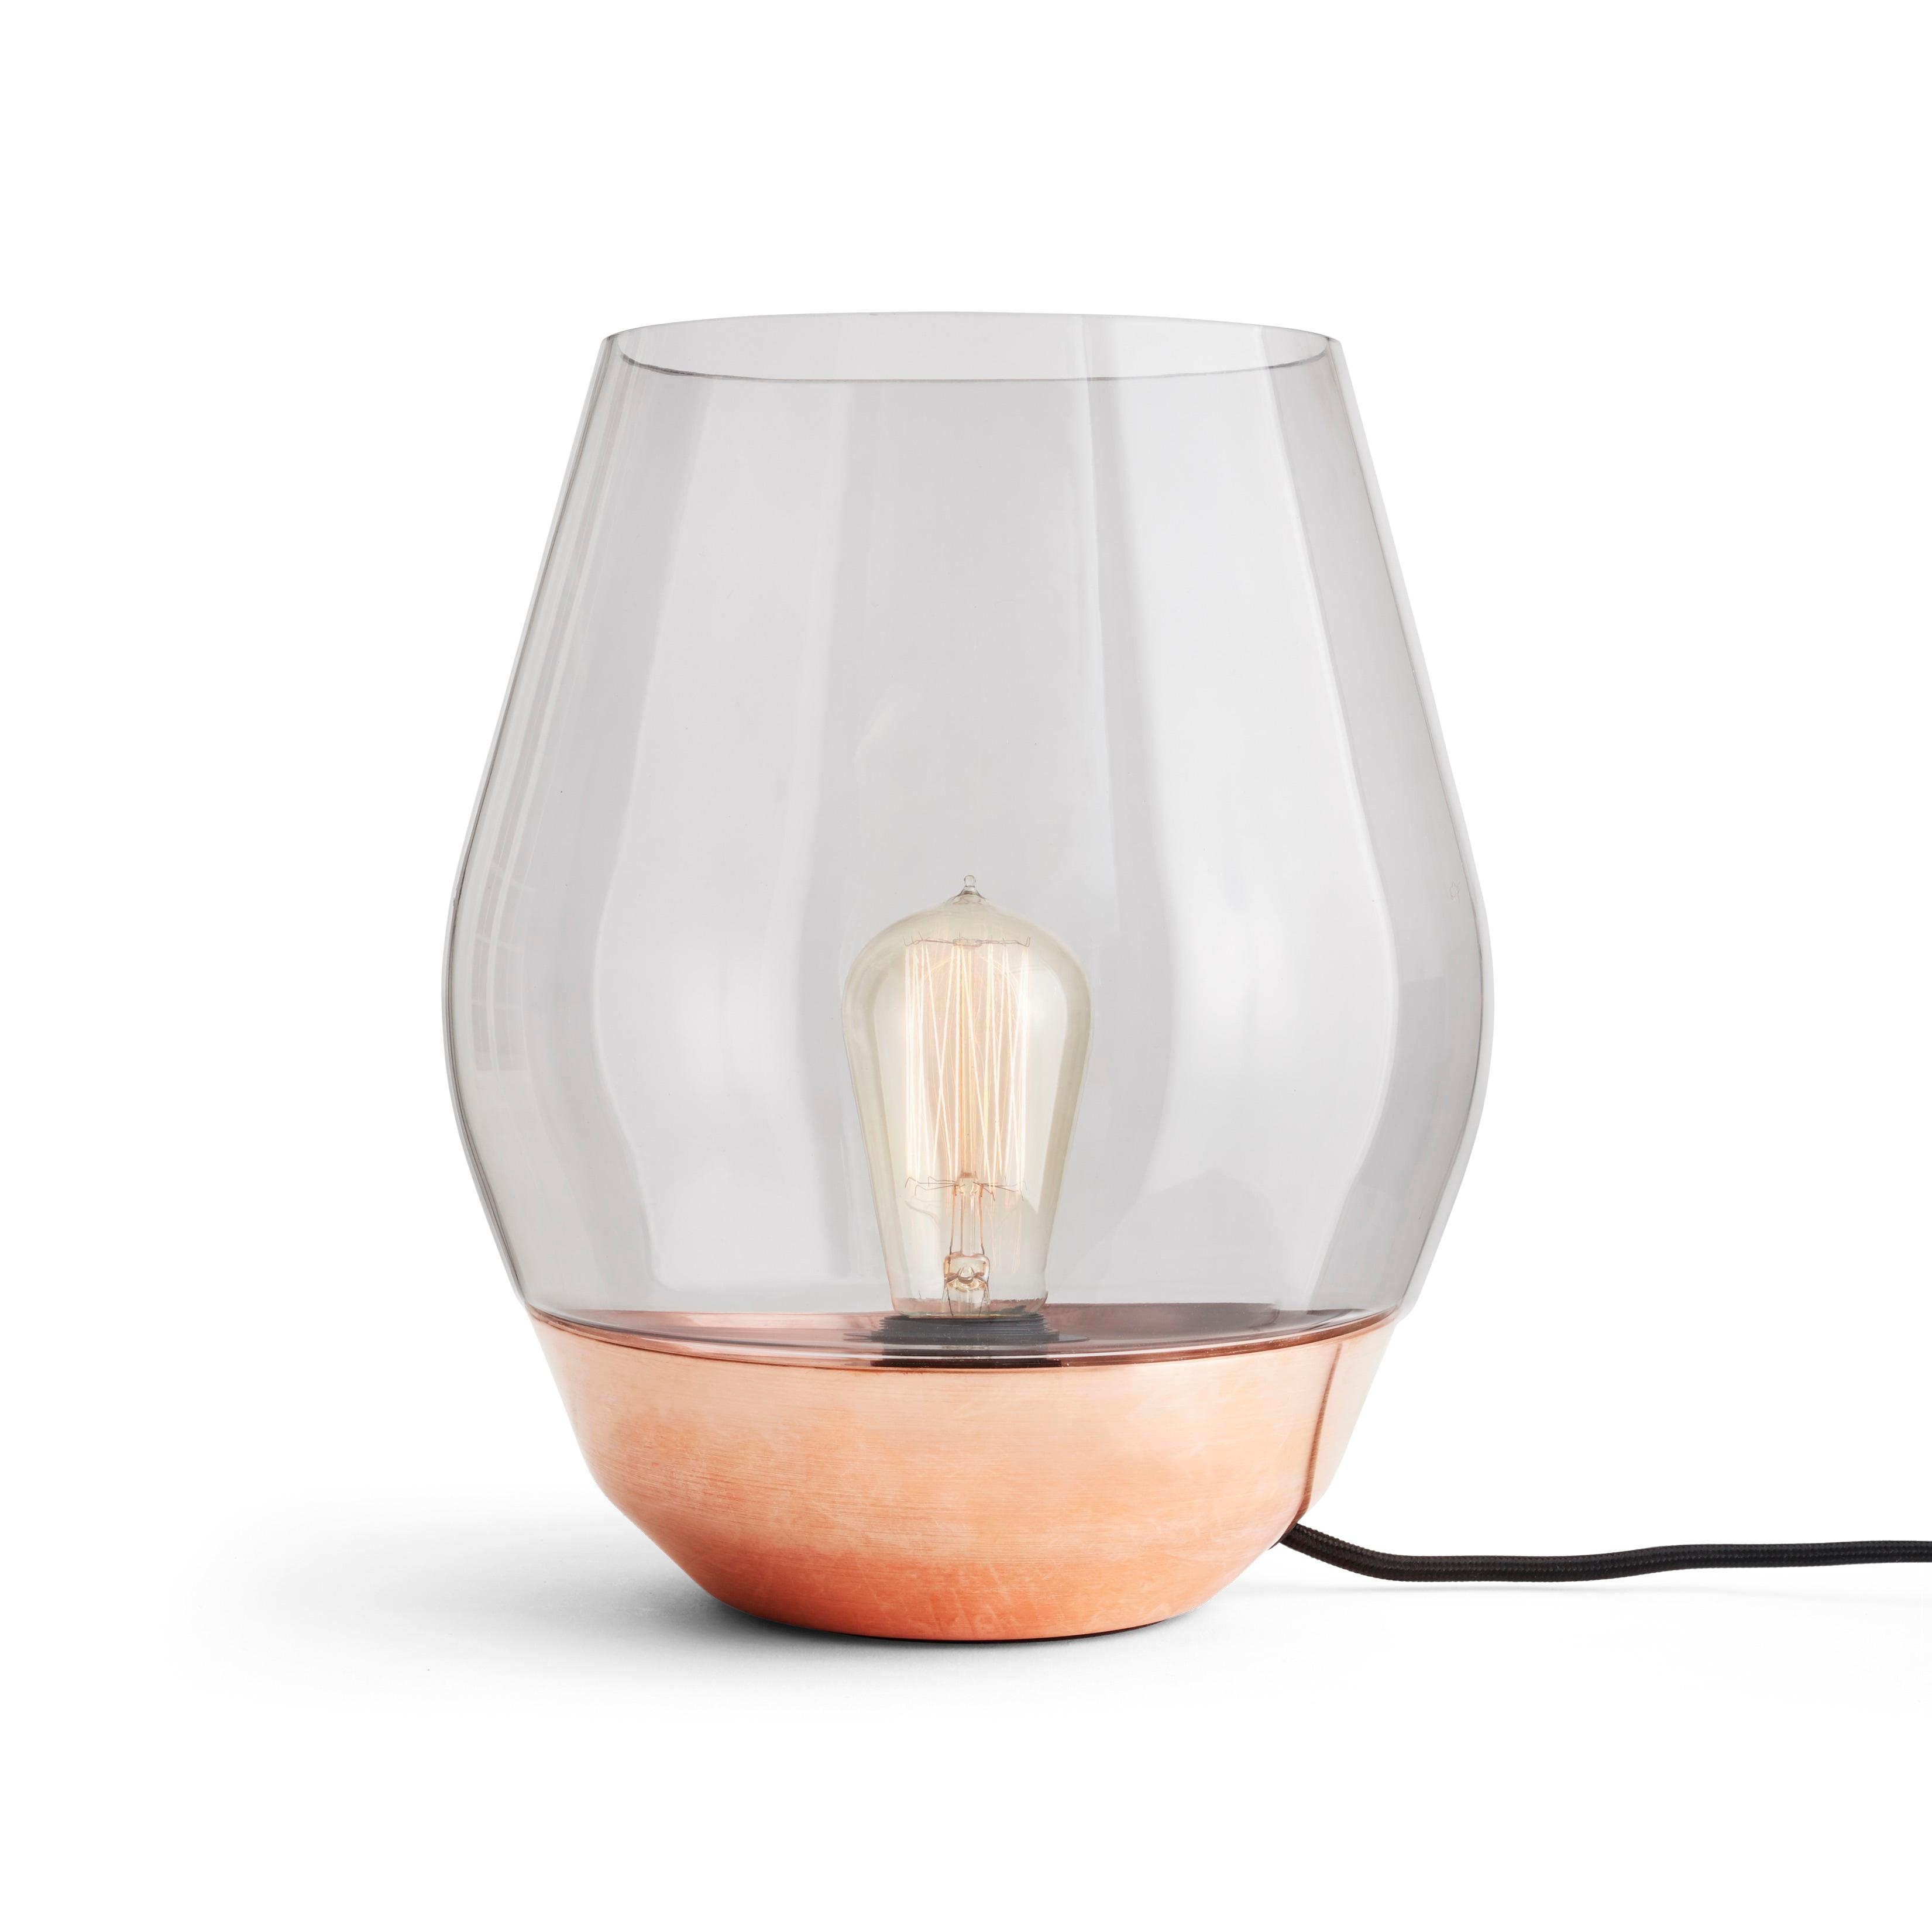 Bowl bordslampa rå koppar/rökfärgat glas